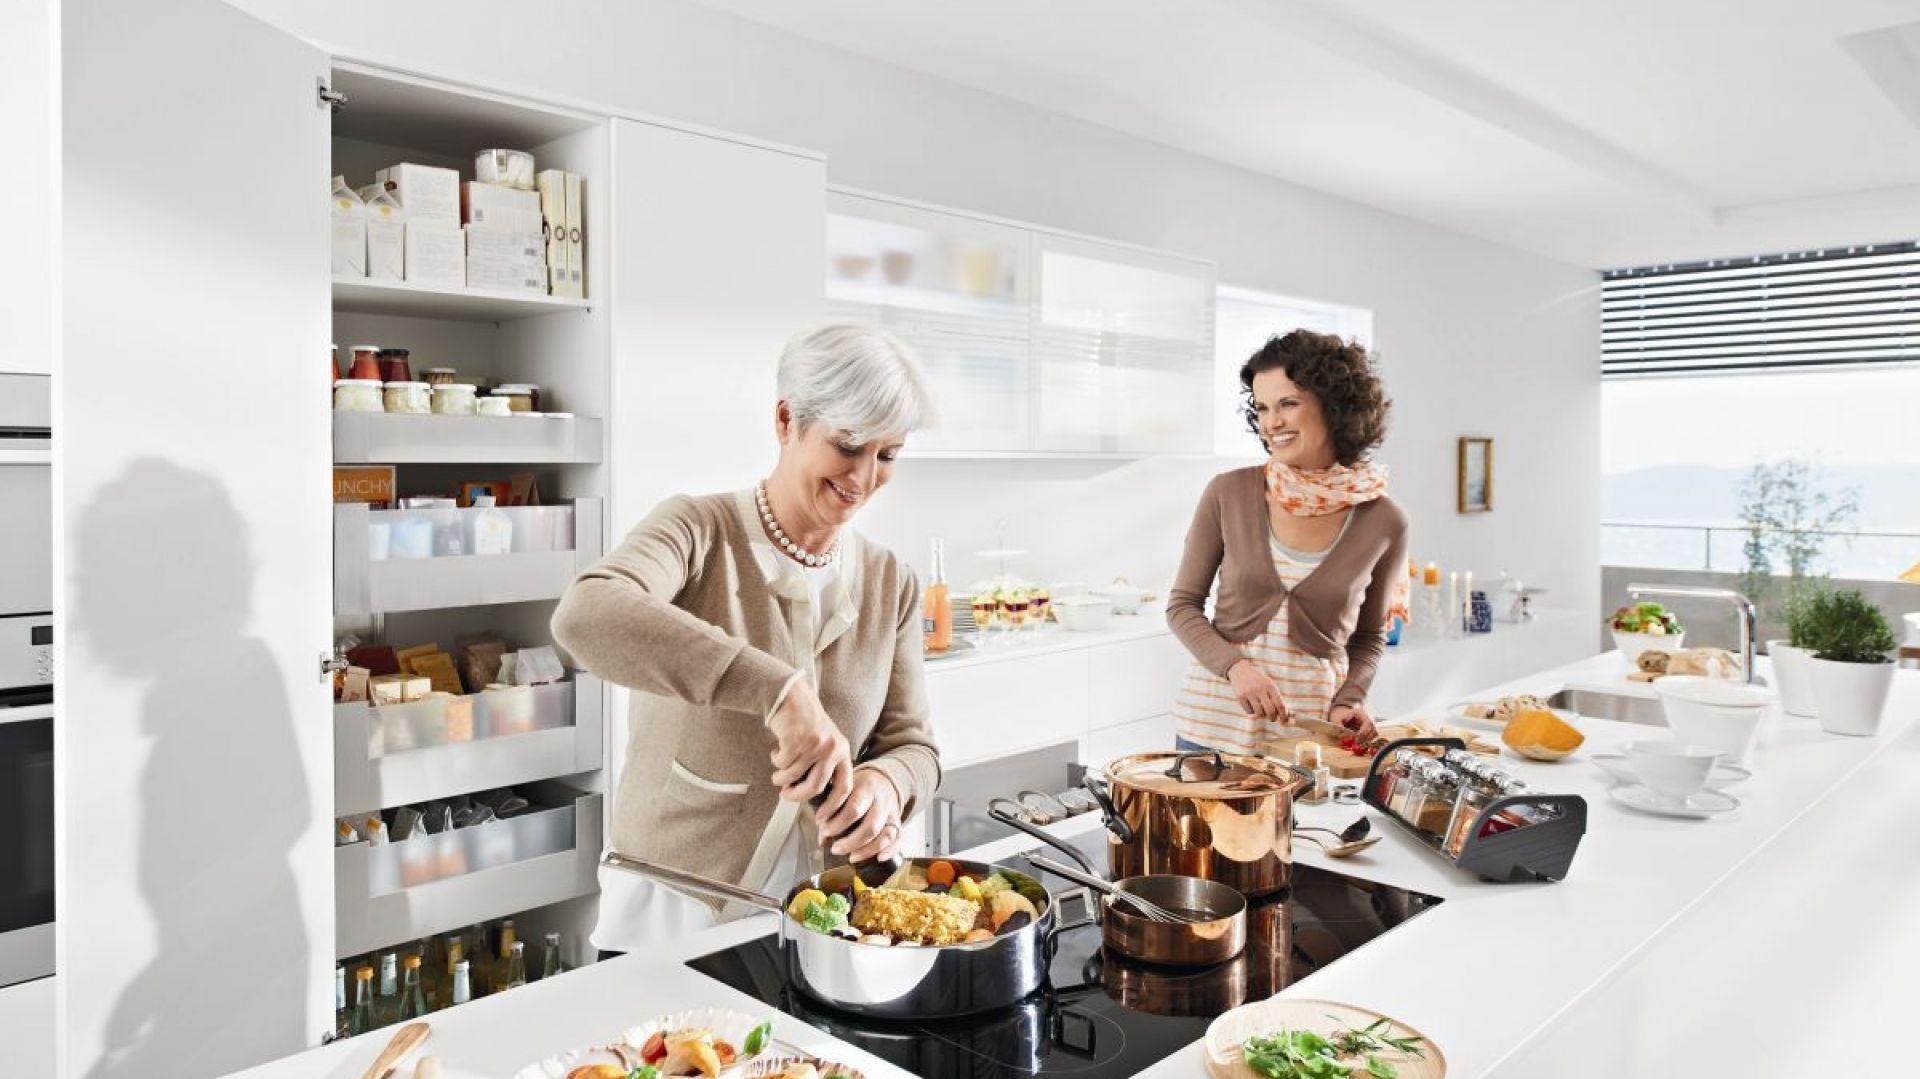 Wysoka zabudowa z szufladami to świetne miejsce na przechowywanie całej suchej żywności w jednym miejscu. Fot. Blum